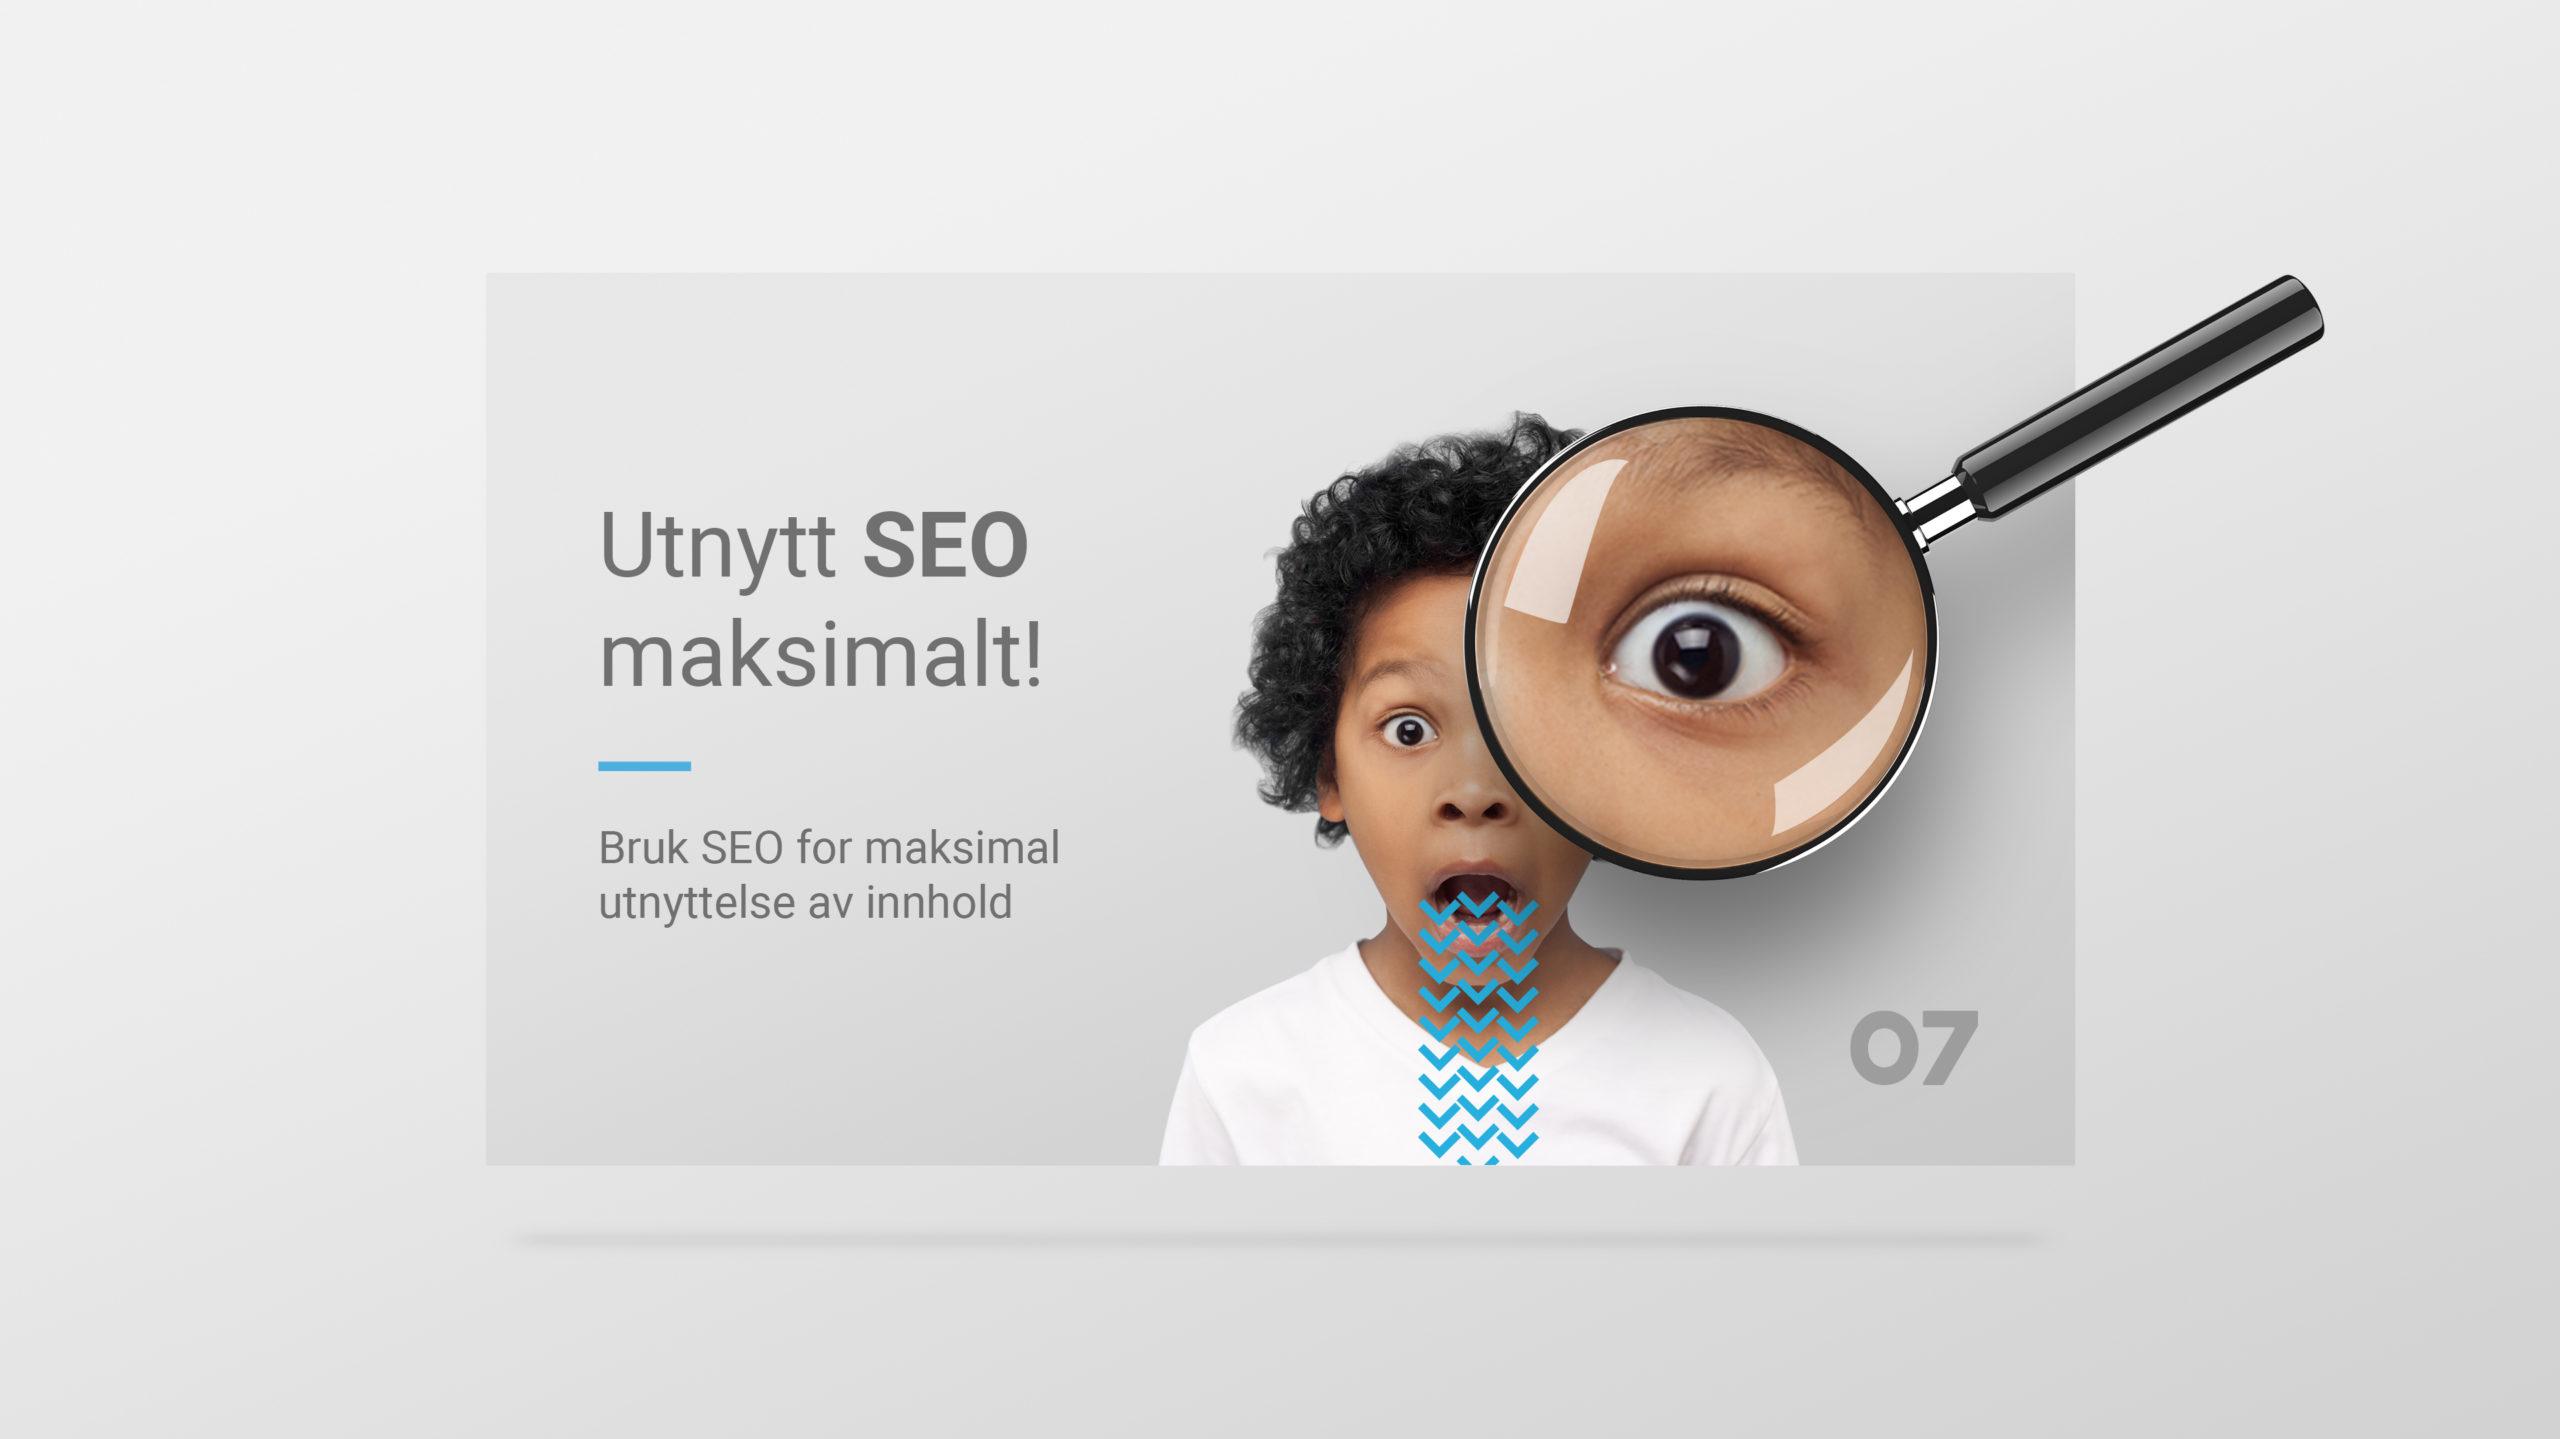 """En fiktiv nettside hvor et forstørrelsesglass uthever en del av skjermen. Overskriften sier """"Utnytt SEO maksimalt!"""". Illustrasjonsbilde."""